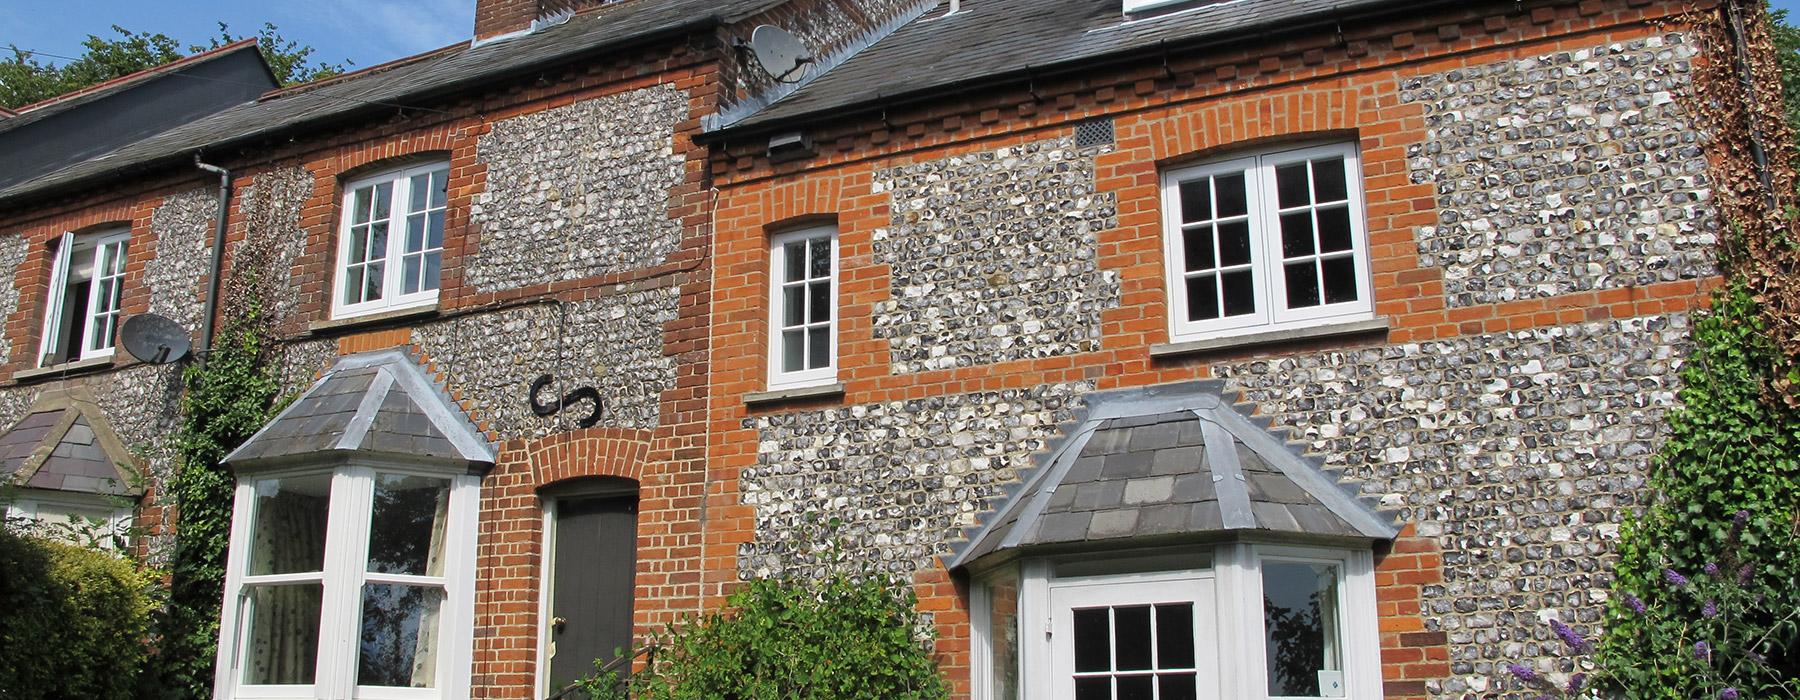 Oxfordshire wooden windows